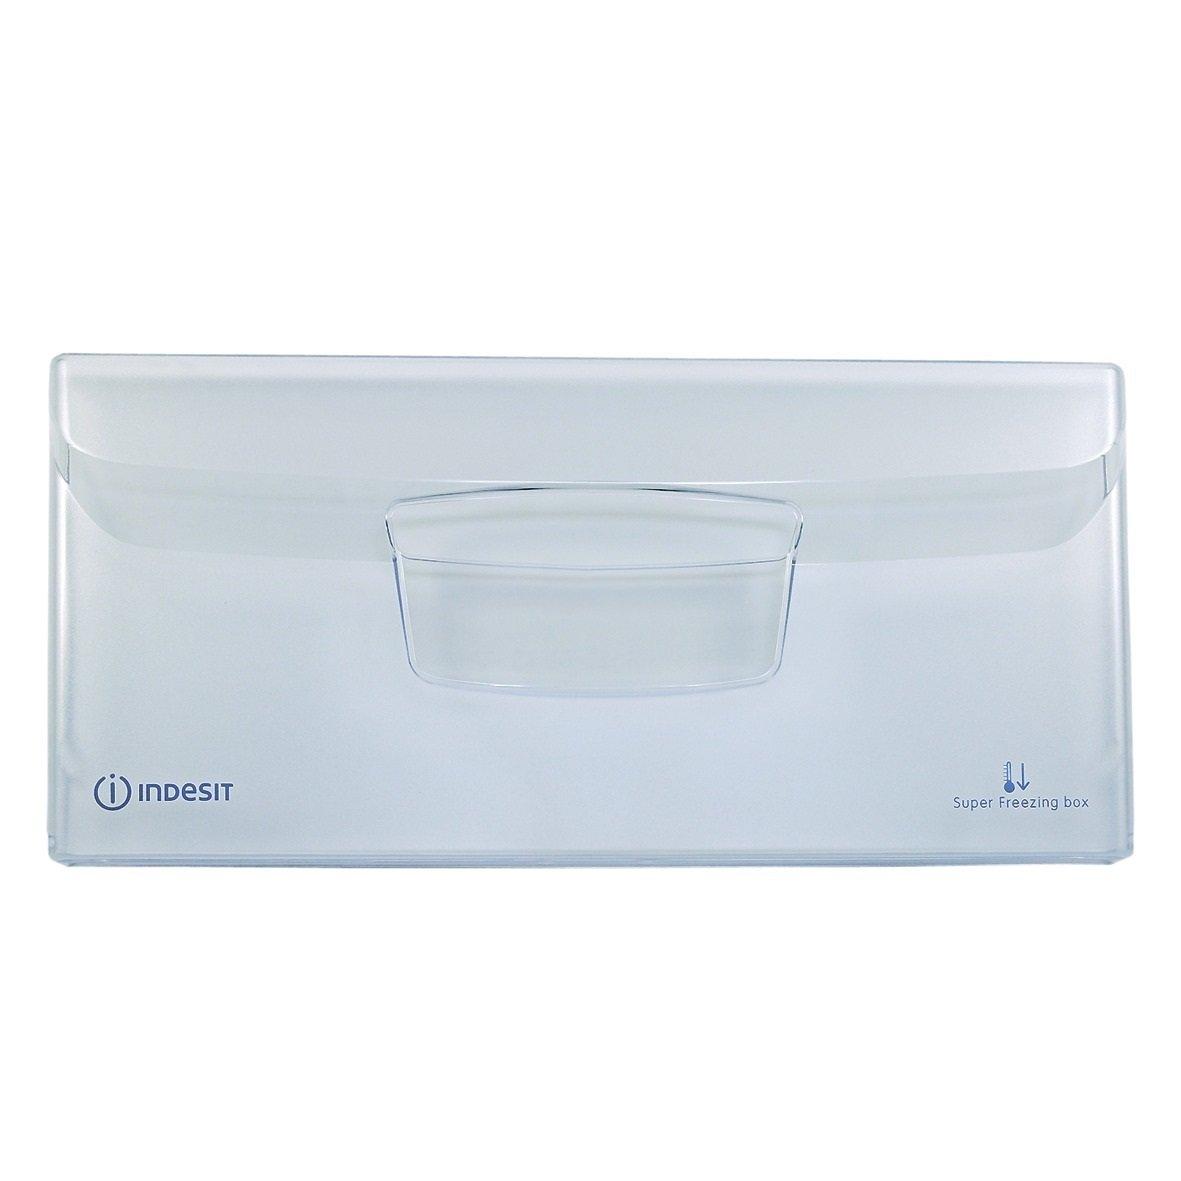 Gefrierfachtür Tür Klappe Kühlschrank Indesit C00291478, Whirlpool 482000023307